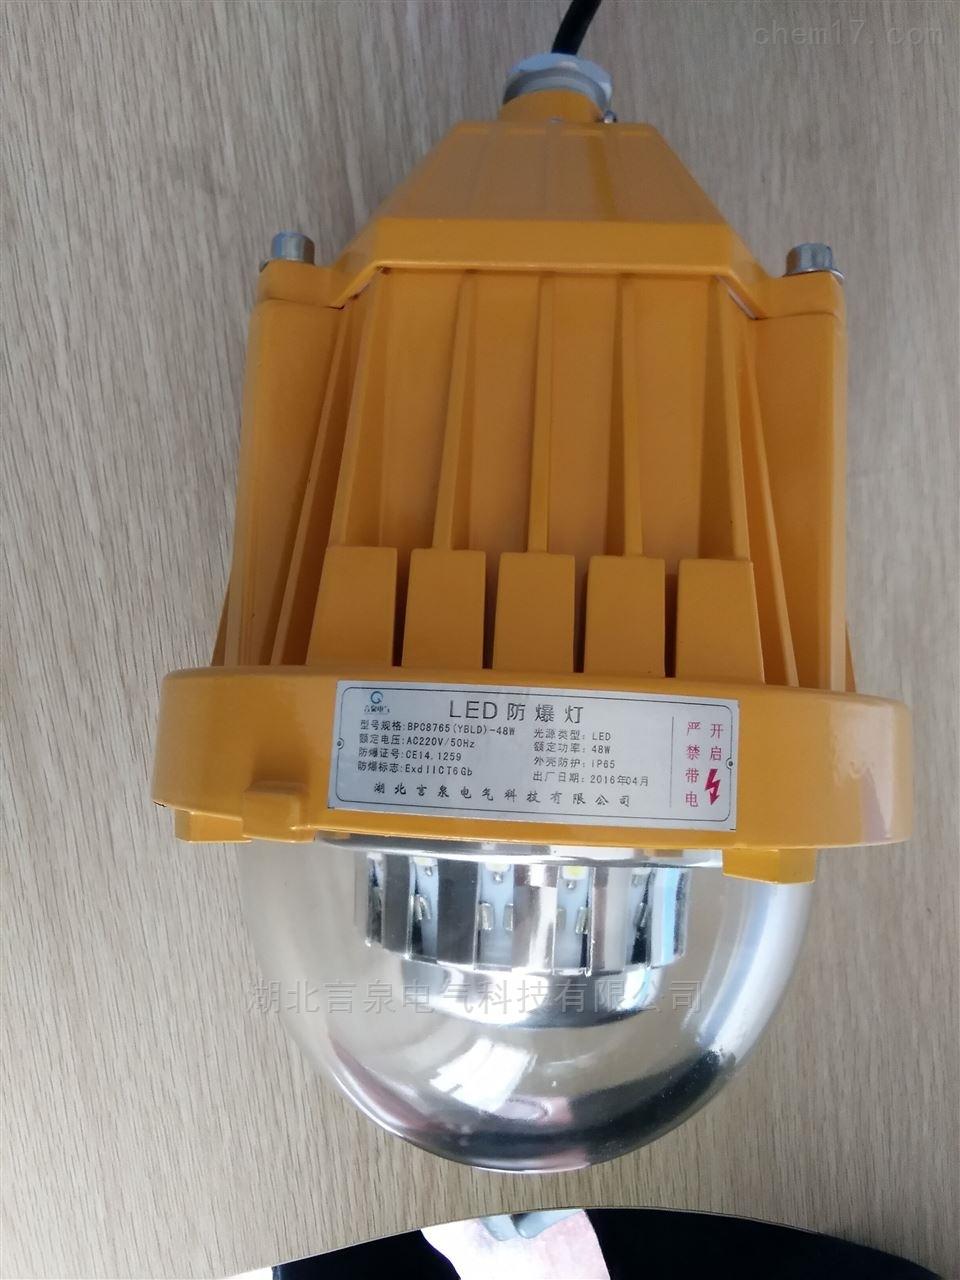 甘肃YBLD-024吸壁式弯杆防爆灯